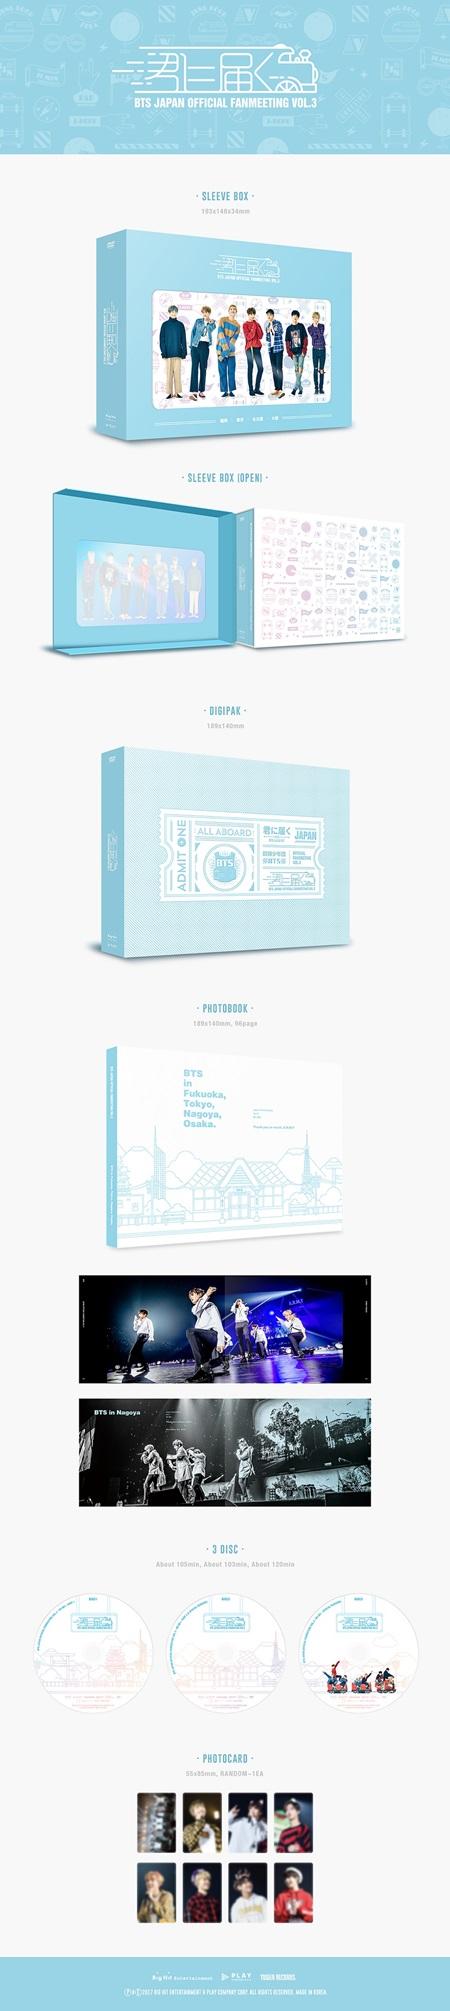 タワレコ先行/独占販売〉防弾少年団DVD『BTS JAPAN OFFICIAL FANMEETING